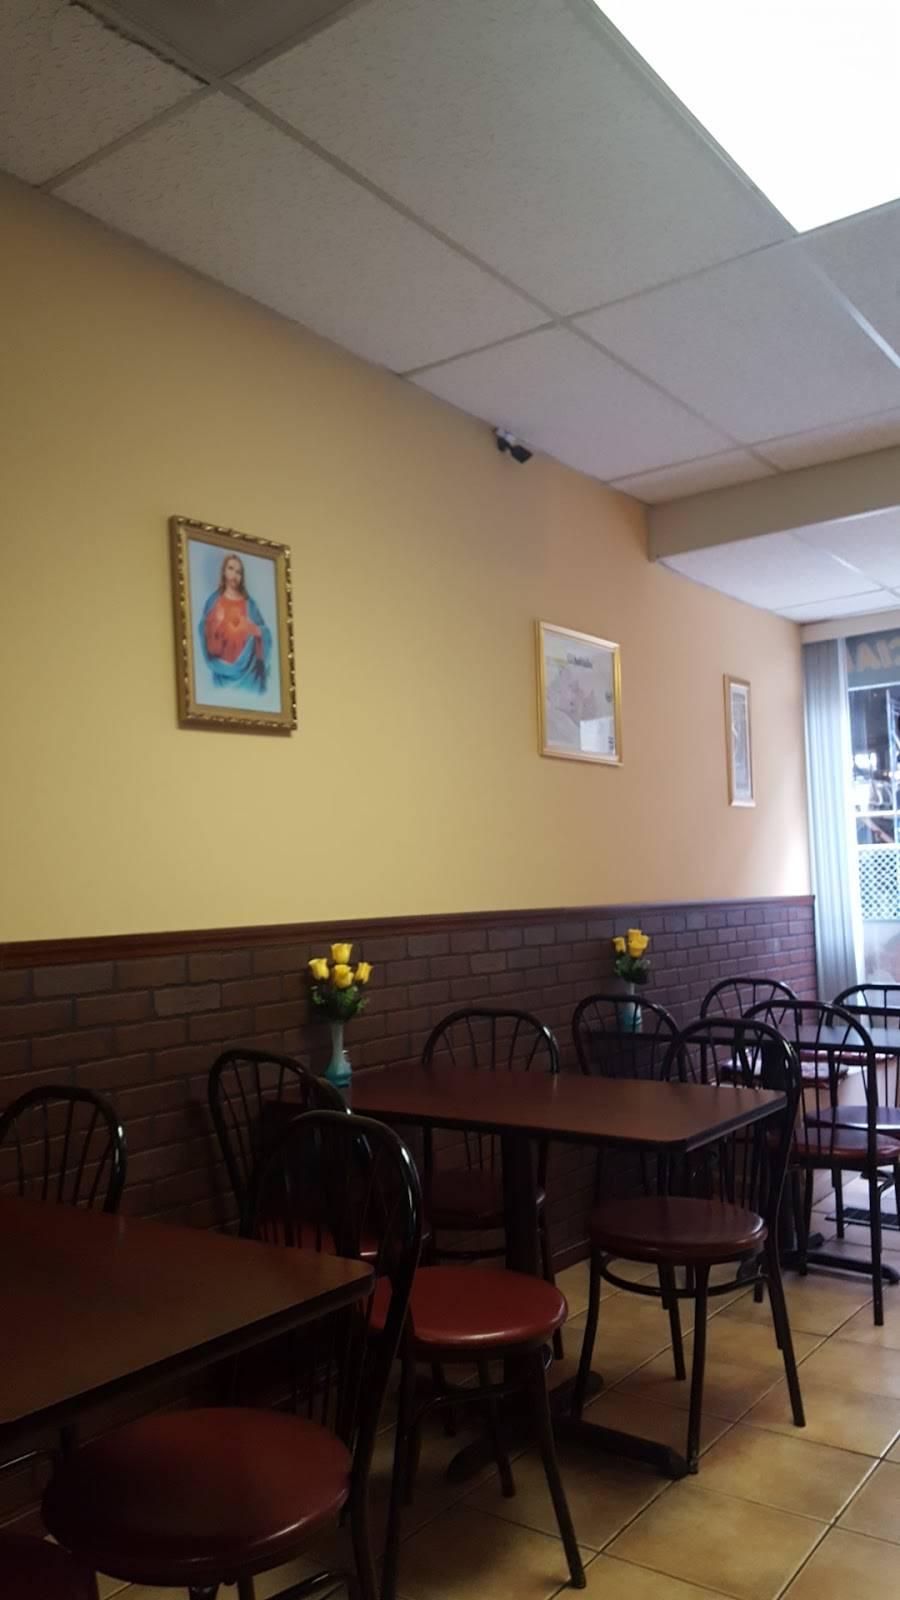 Pupuseria Las Americas | restaurant | 7 E Salem St, Hackensack, NJ 07601, USA | 2016475300 OR +1 201-647-5300